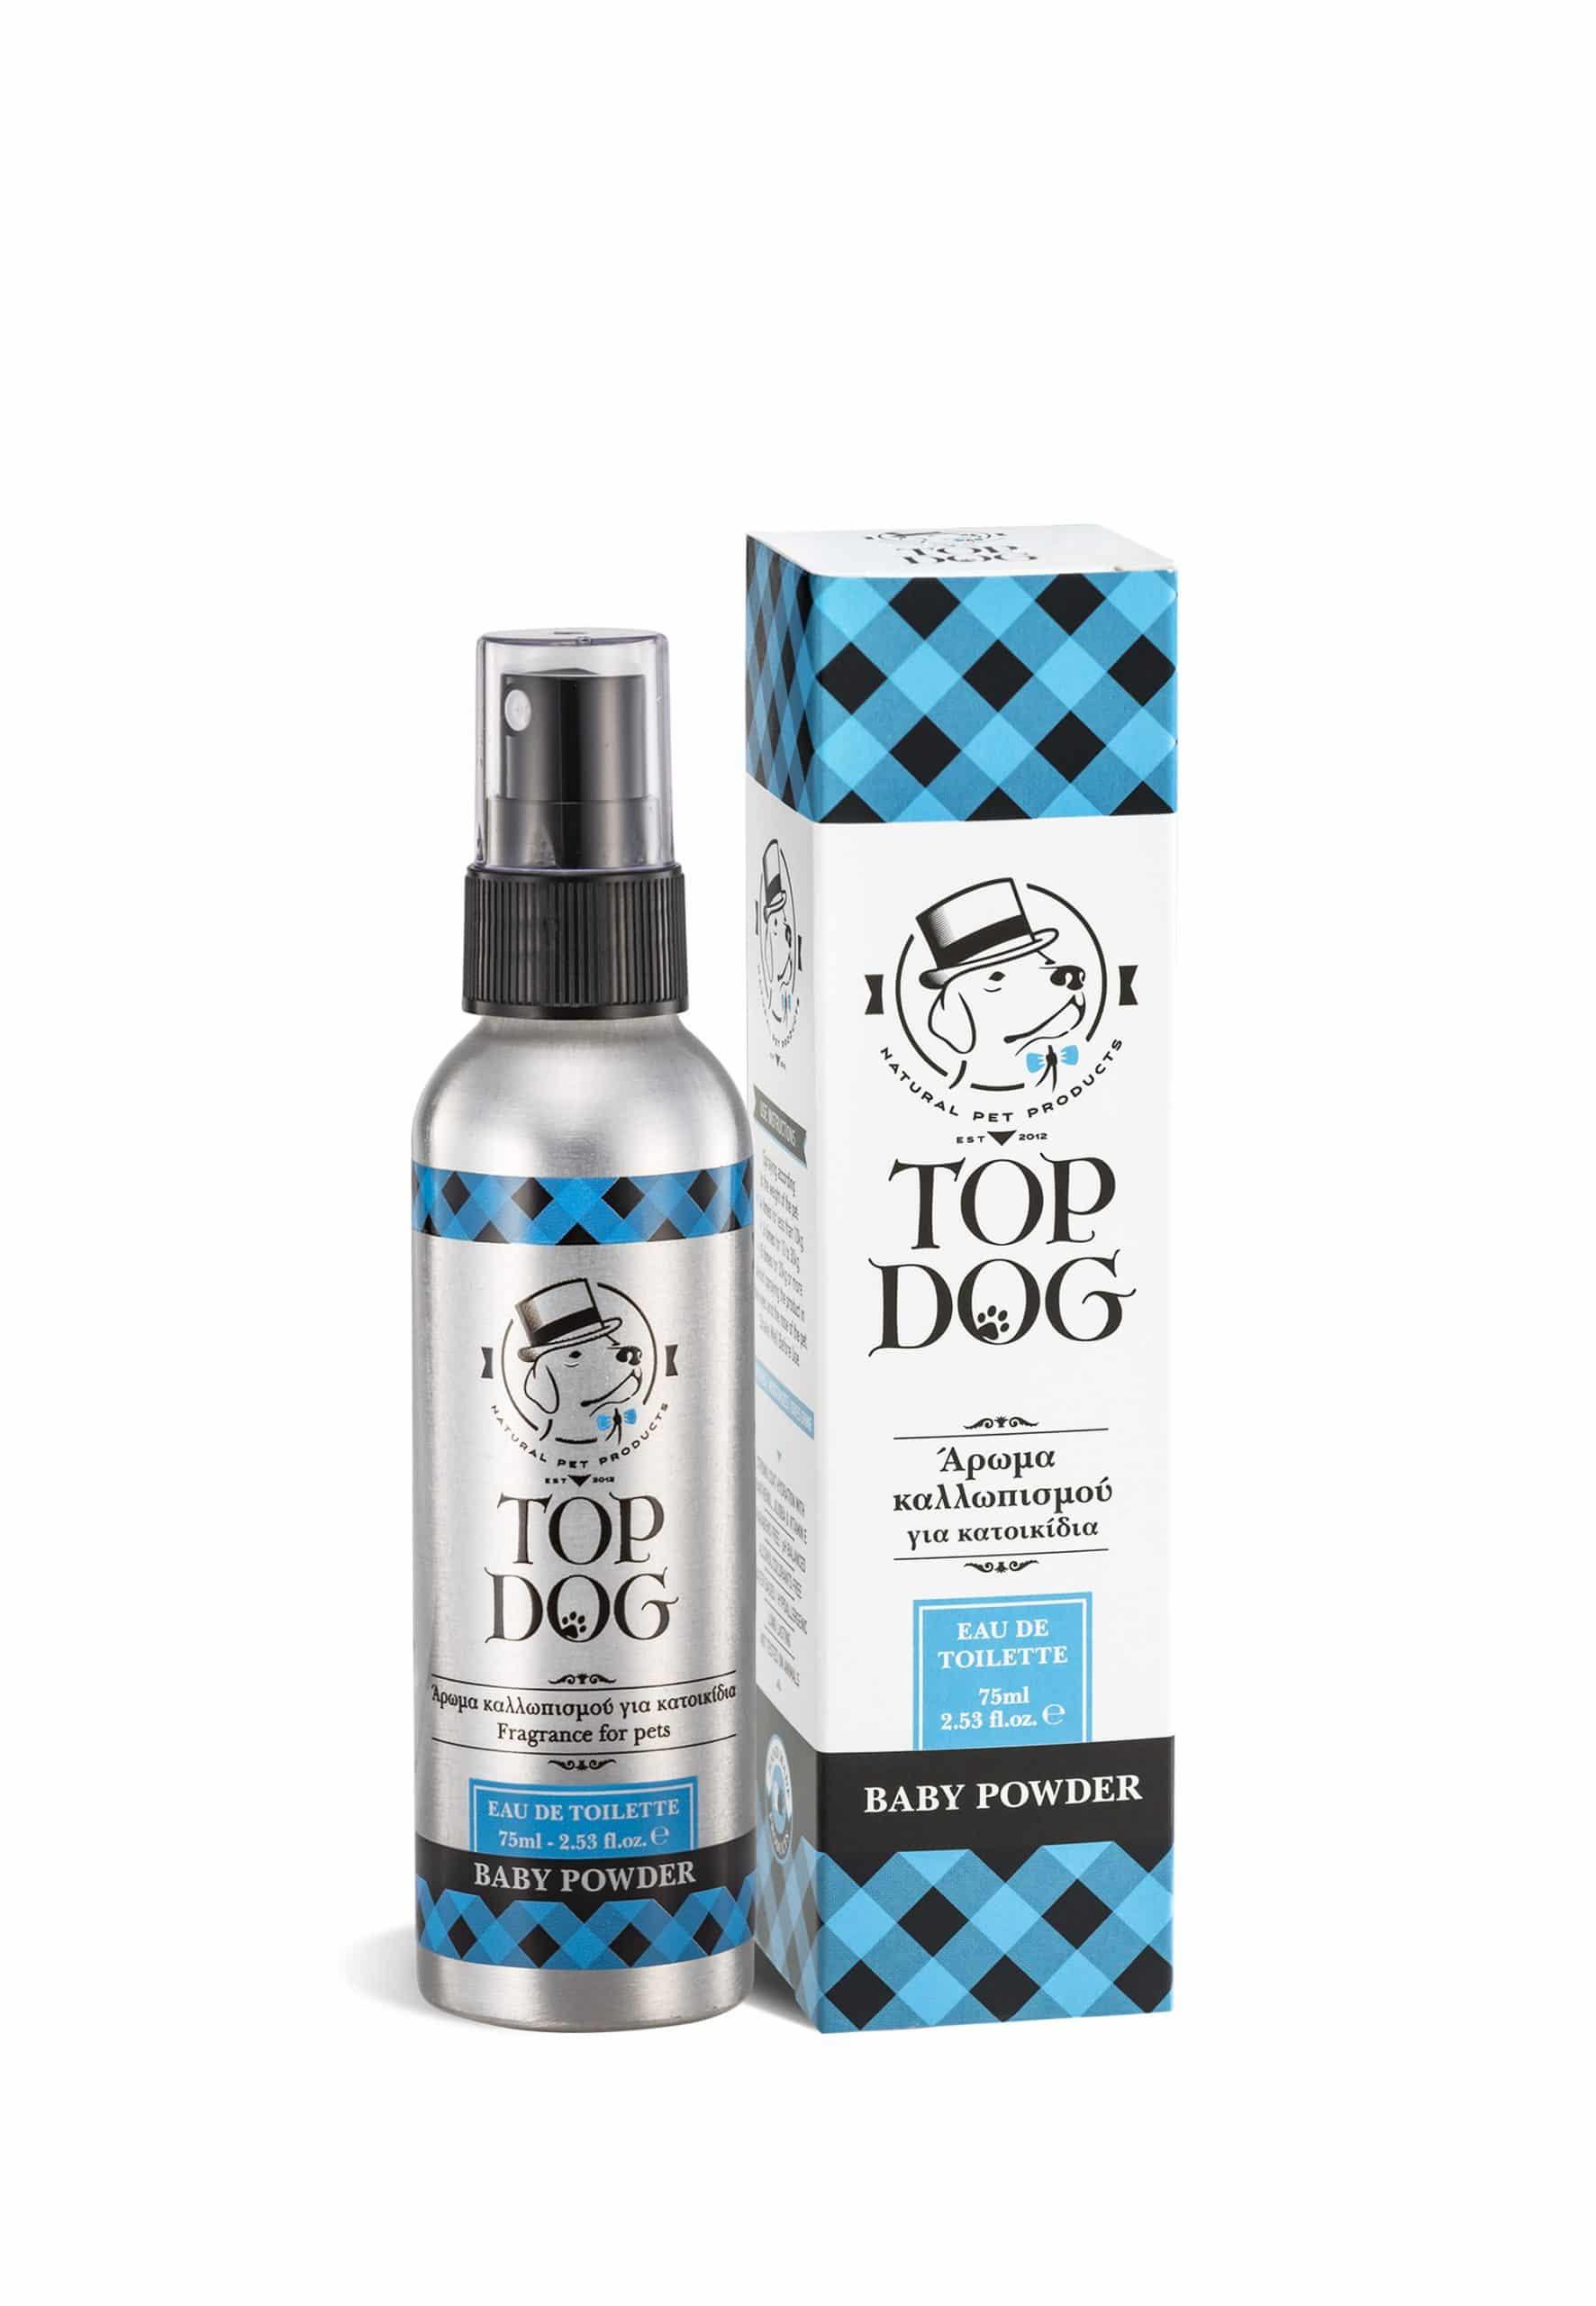 Άρωμα Καλλωπισμού Top Dog Baby Powder